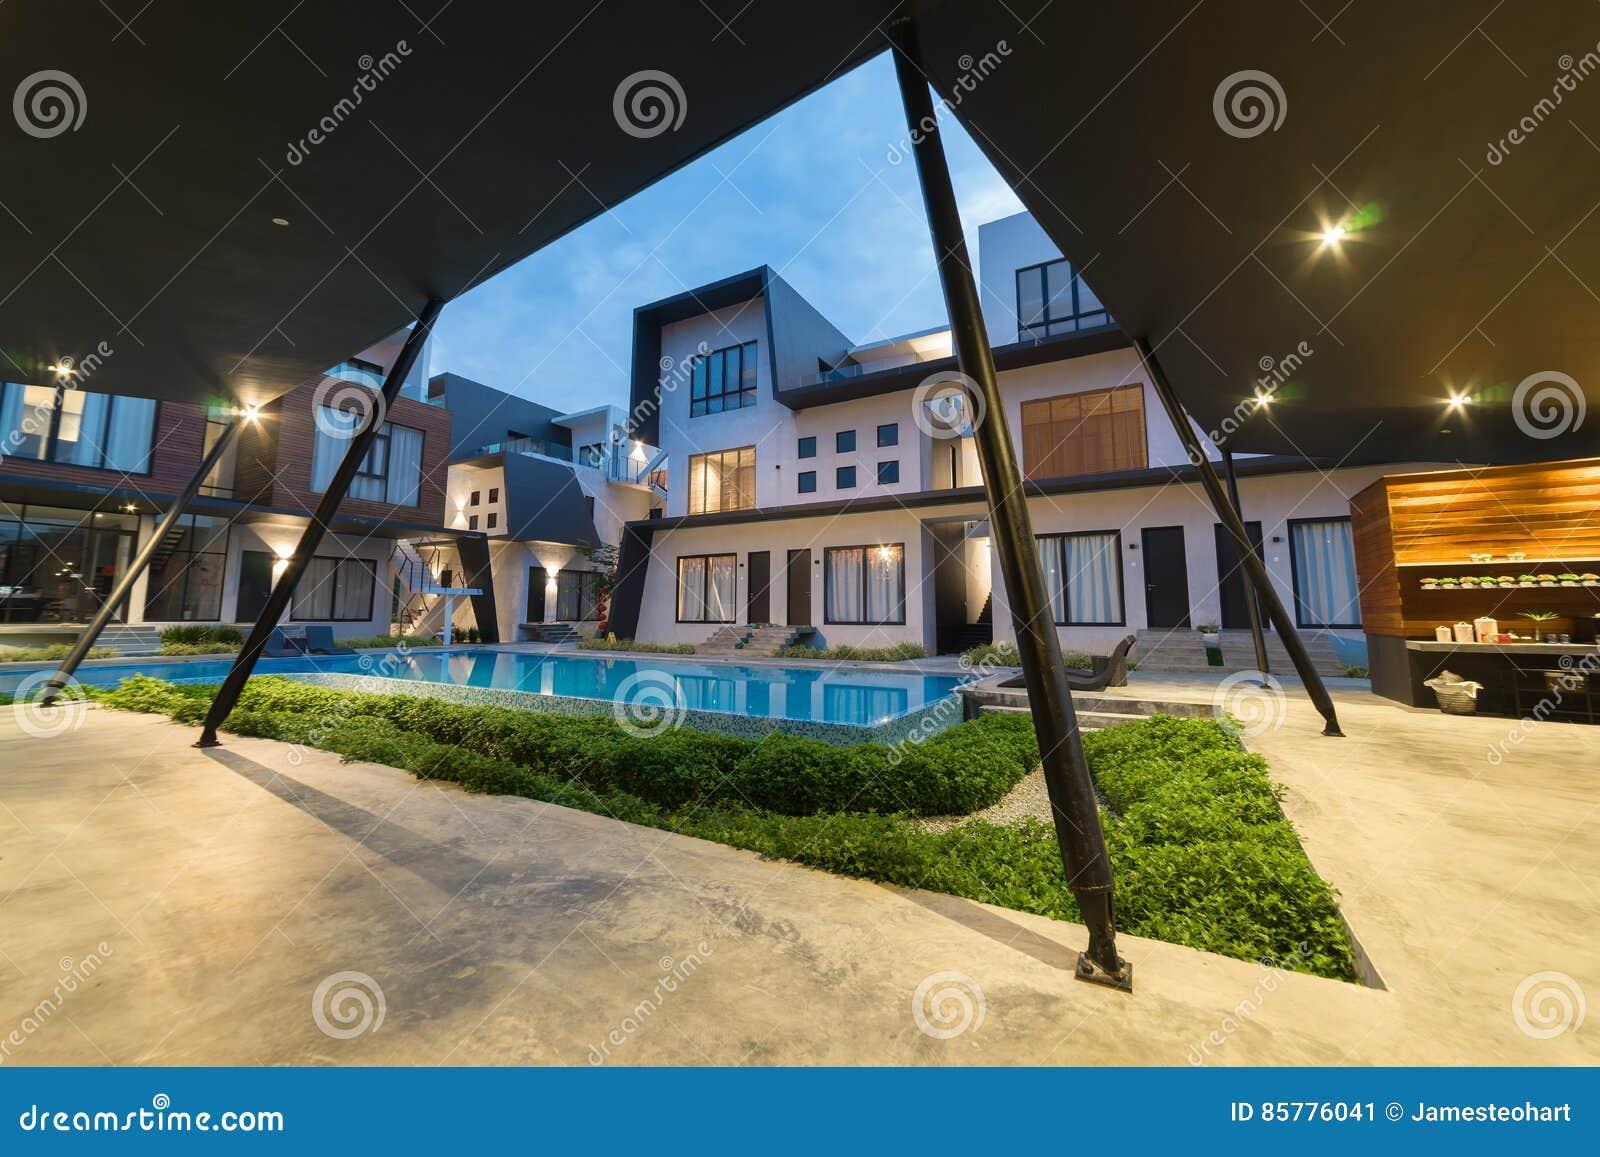 Buitenkant van villa redactionele foto afbeelding bestaande uit